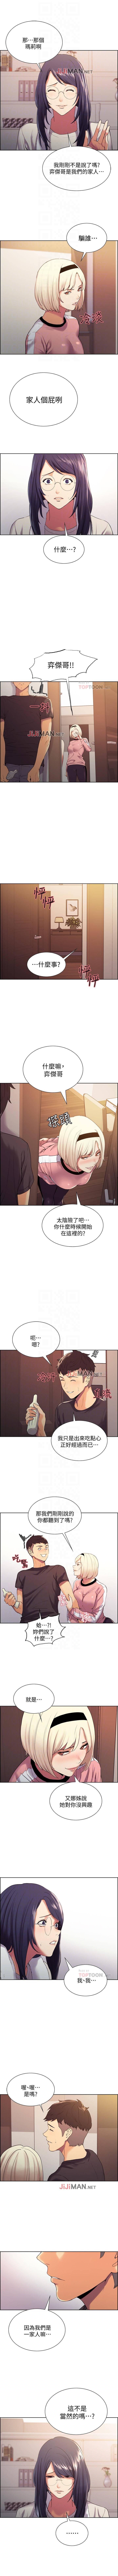 【周二连载】室友招募中(作者:Serious) 第1~15话 46